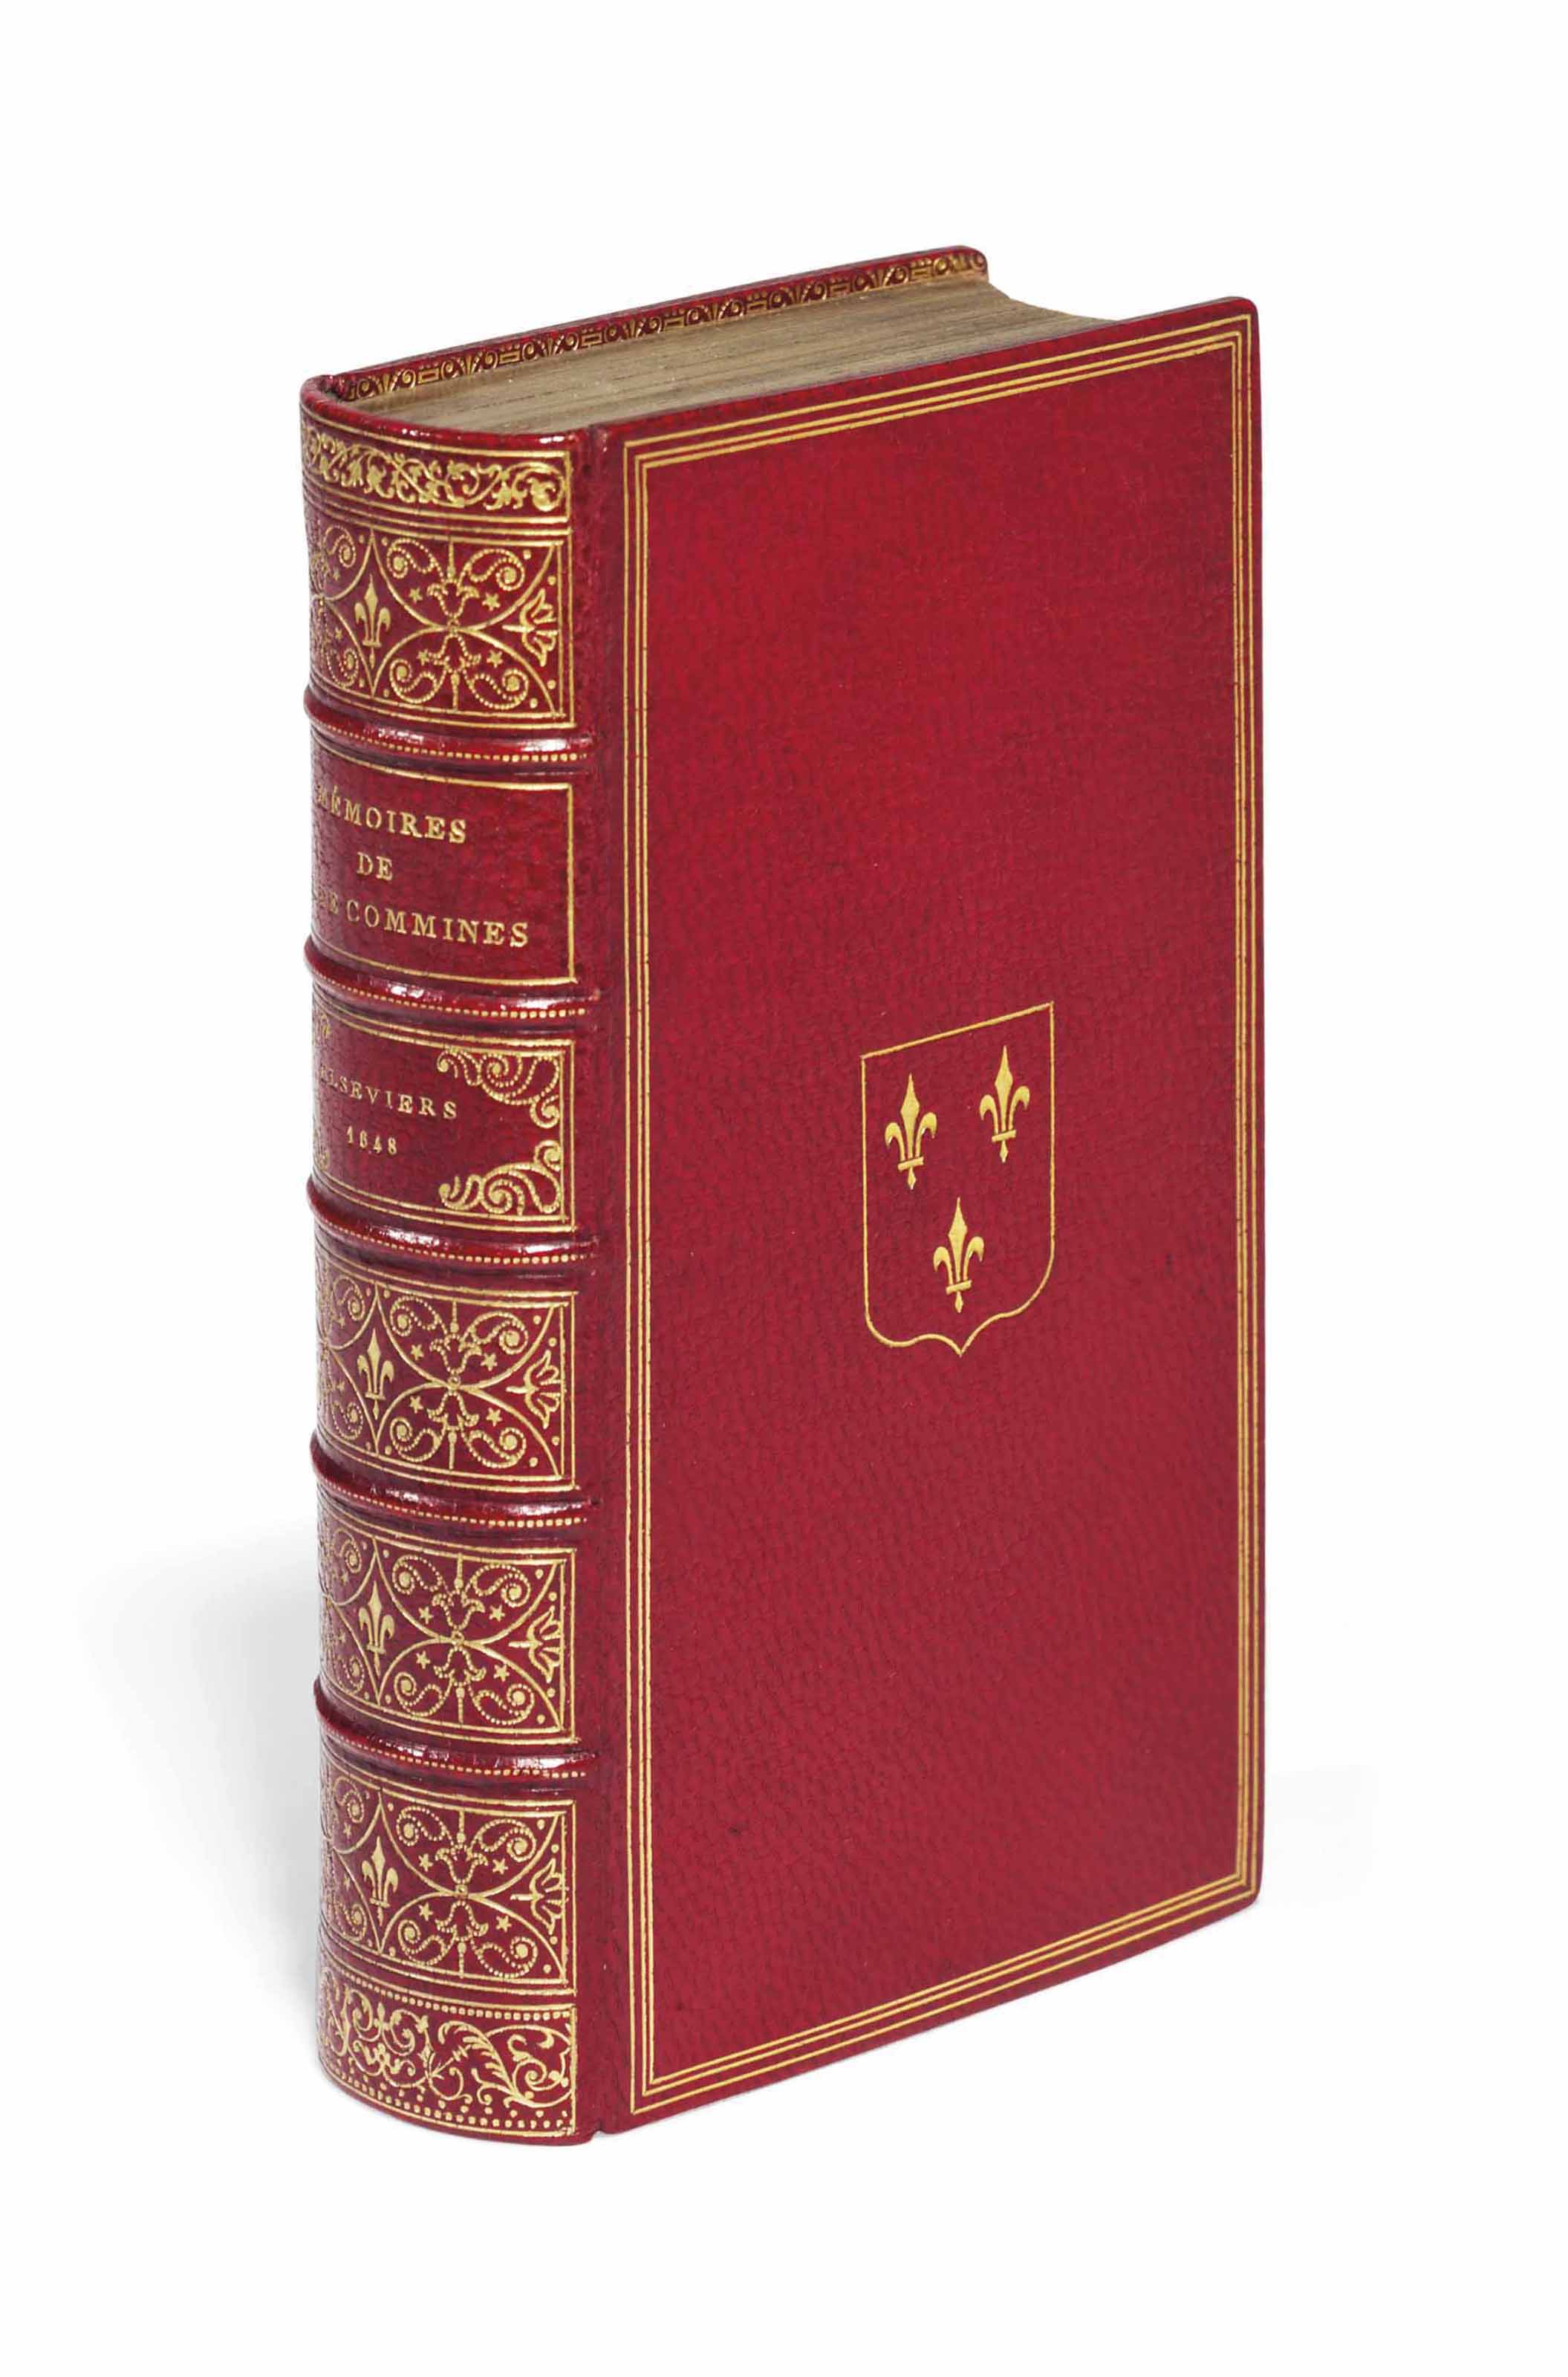 COMMINES, Philippe de (1447-15